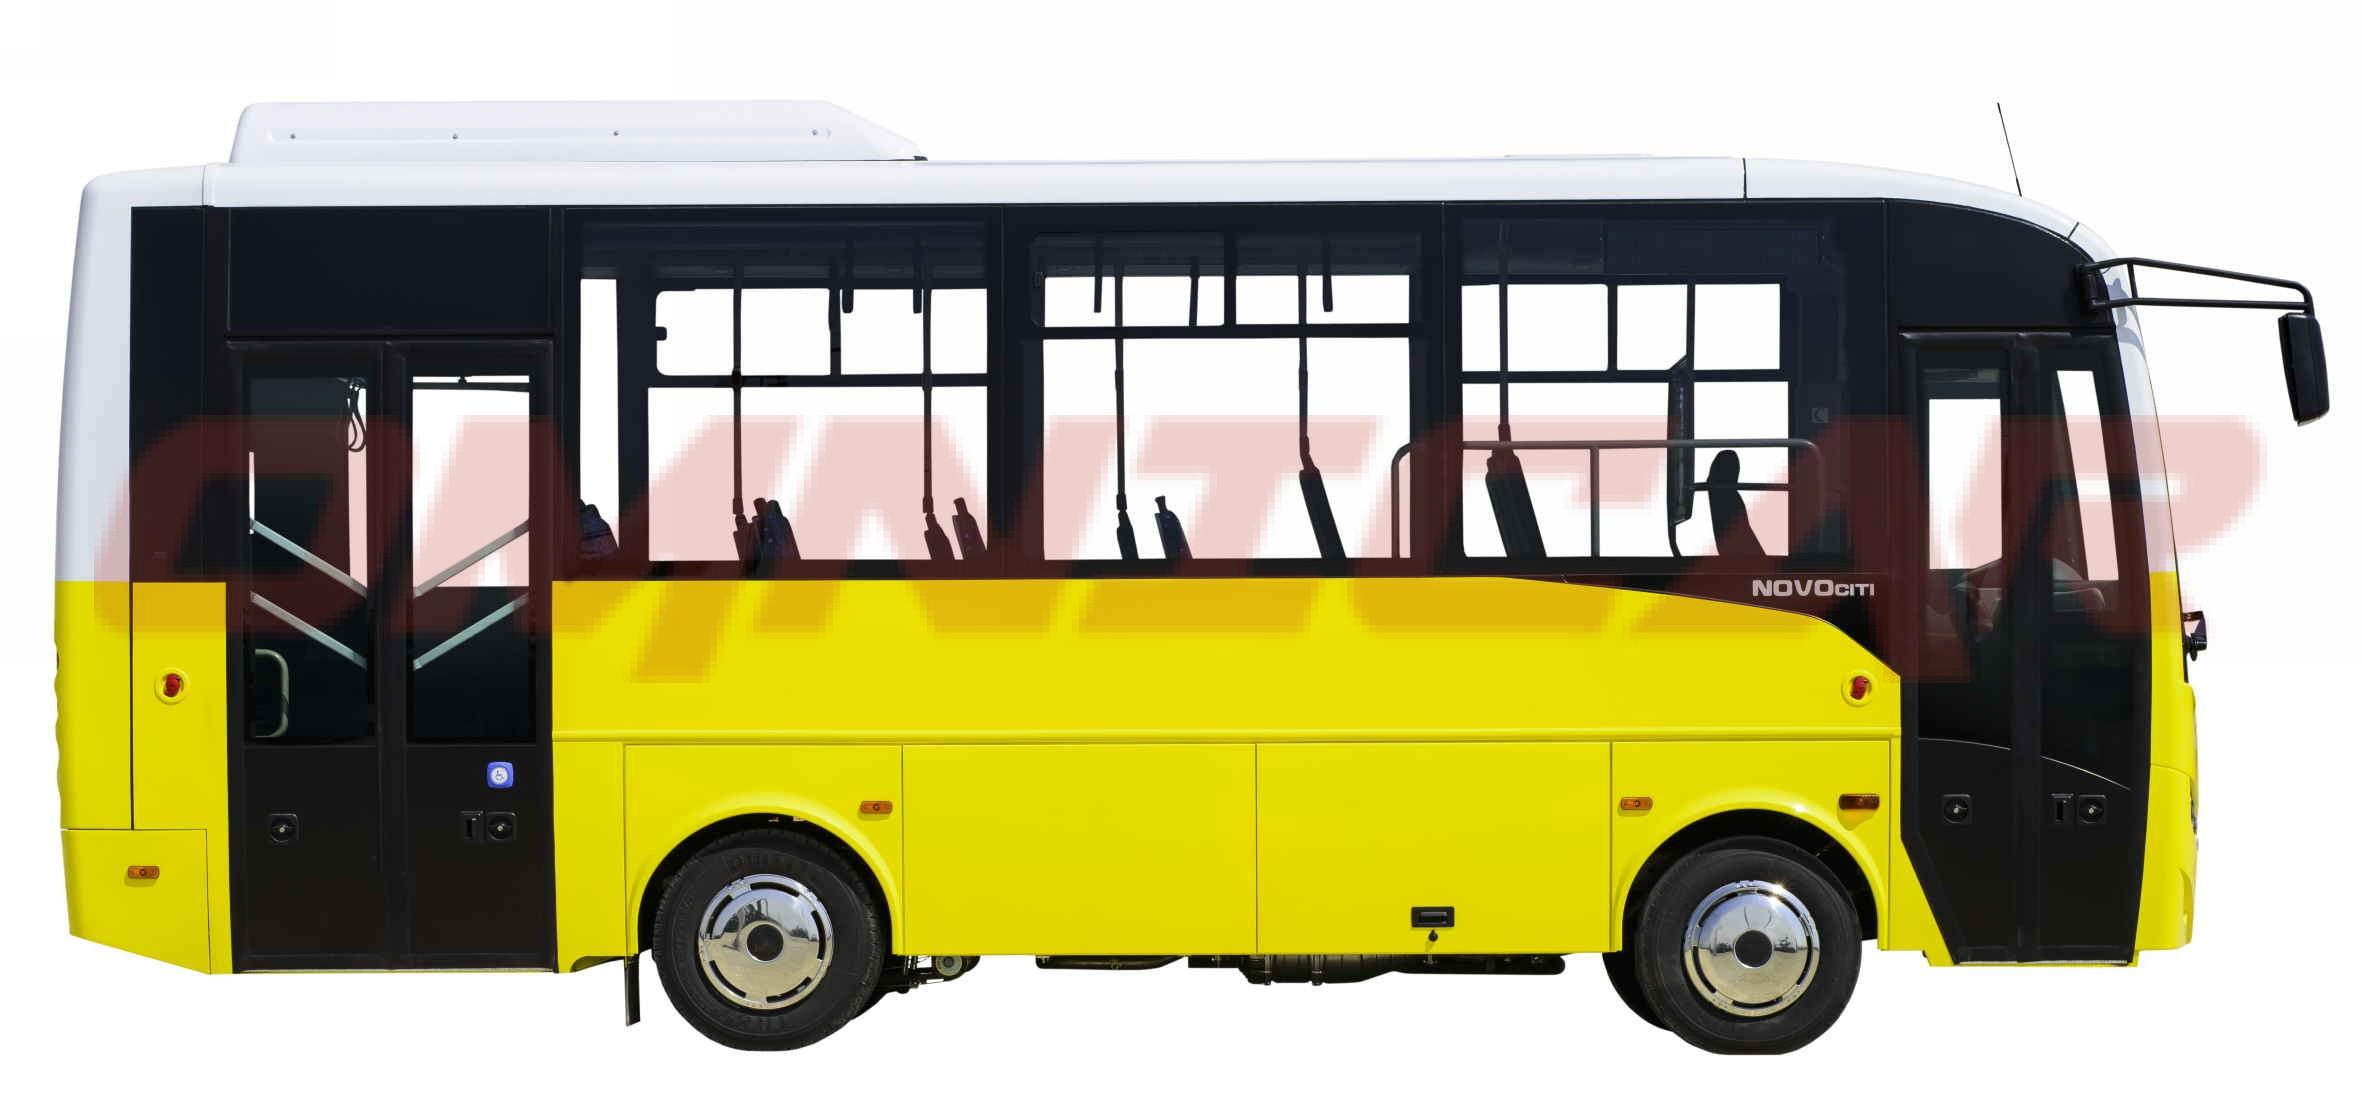 omnicar autocar isuzu